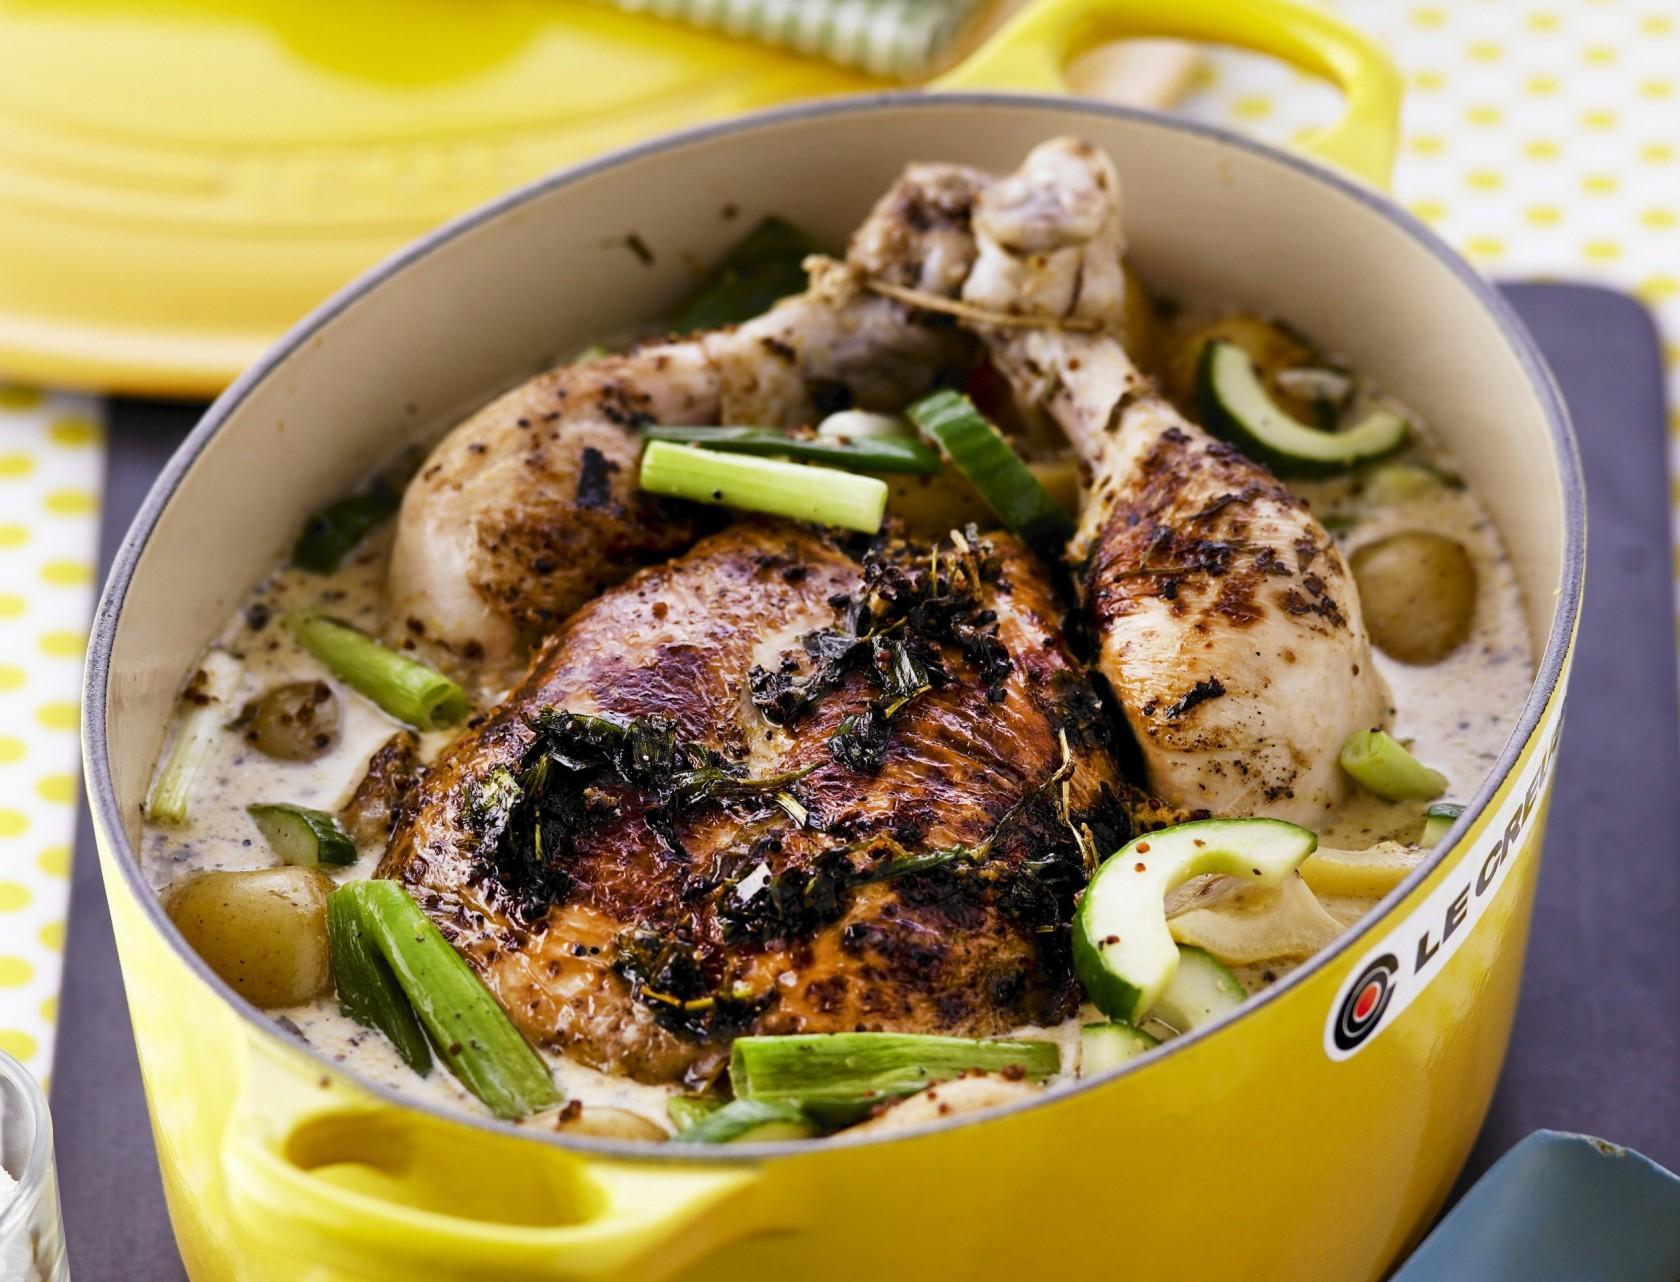 Hel kylling i sennepssovs - virkelig lækker opskrift